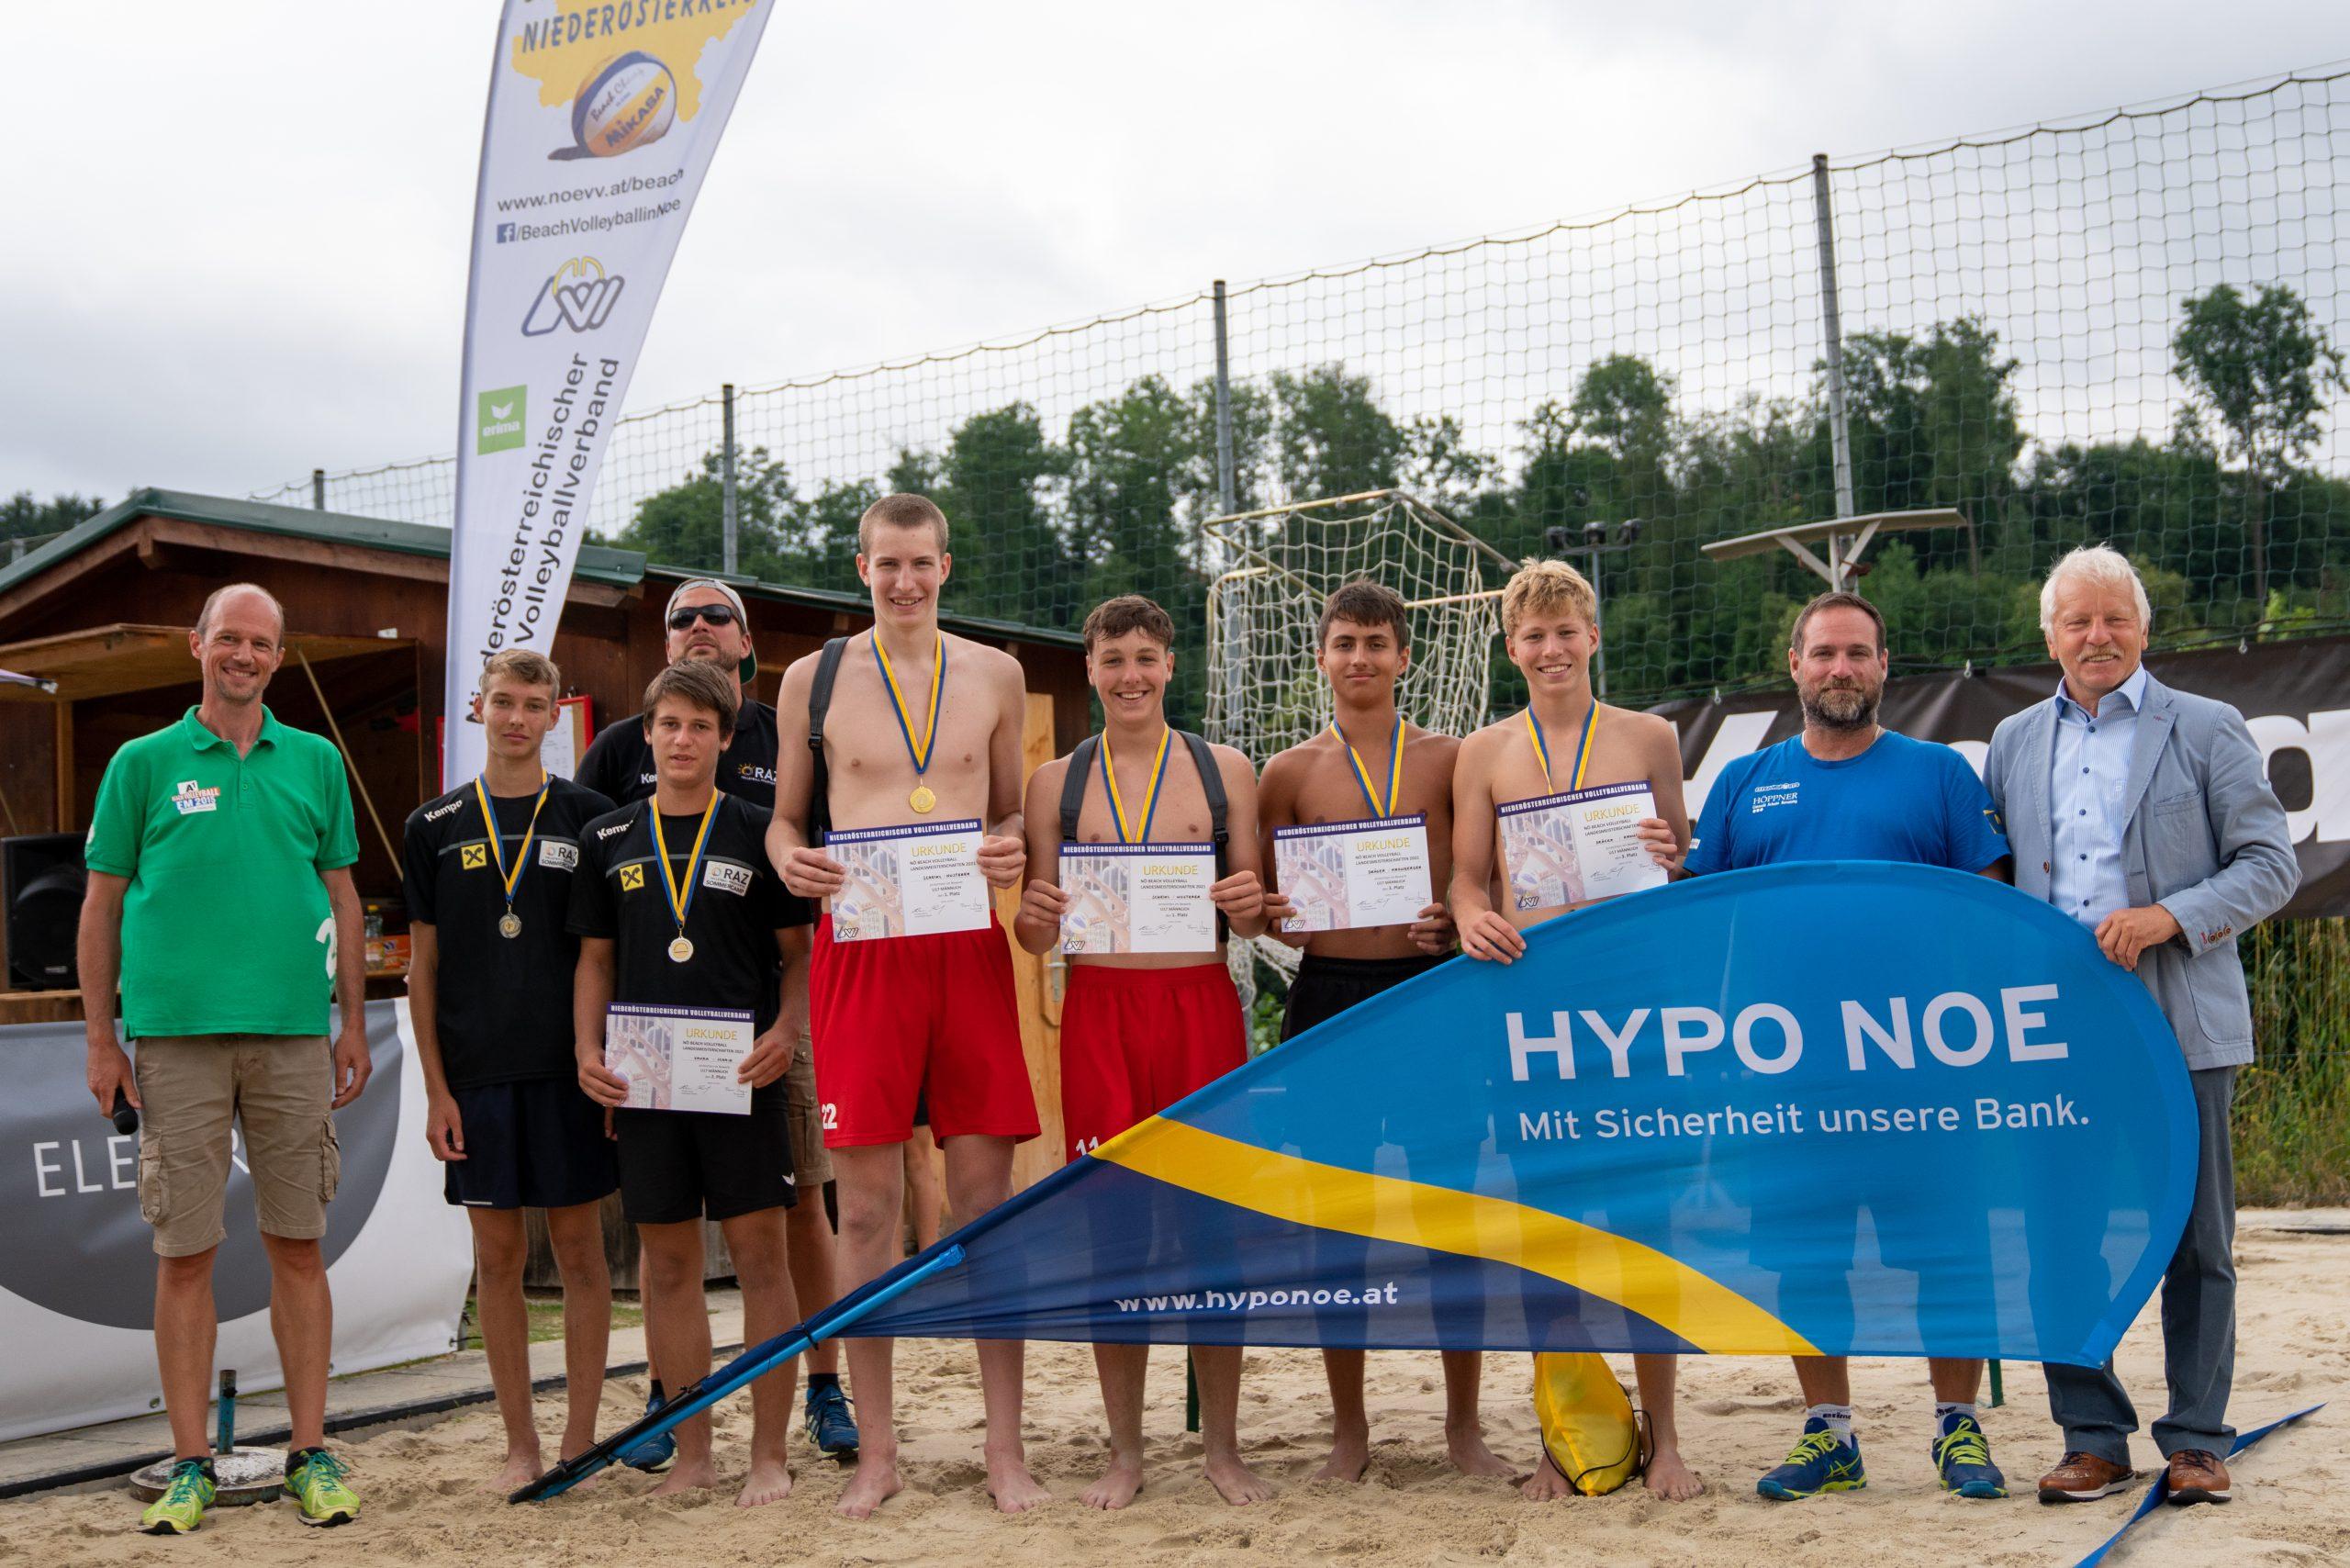 U17-Beachvolleyball-Landesmeisterschaften in Zwettl